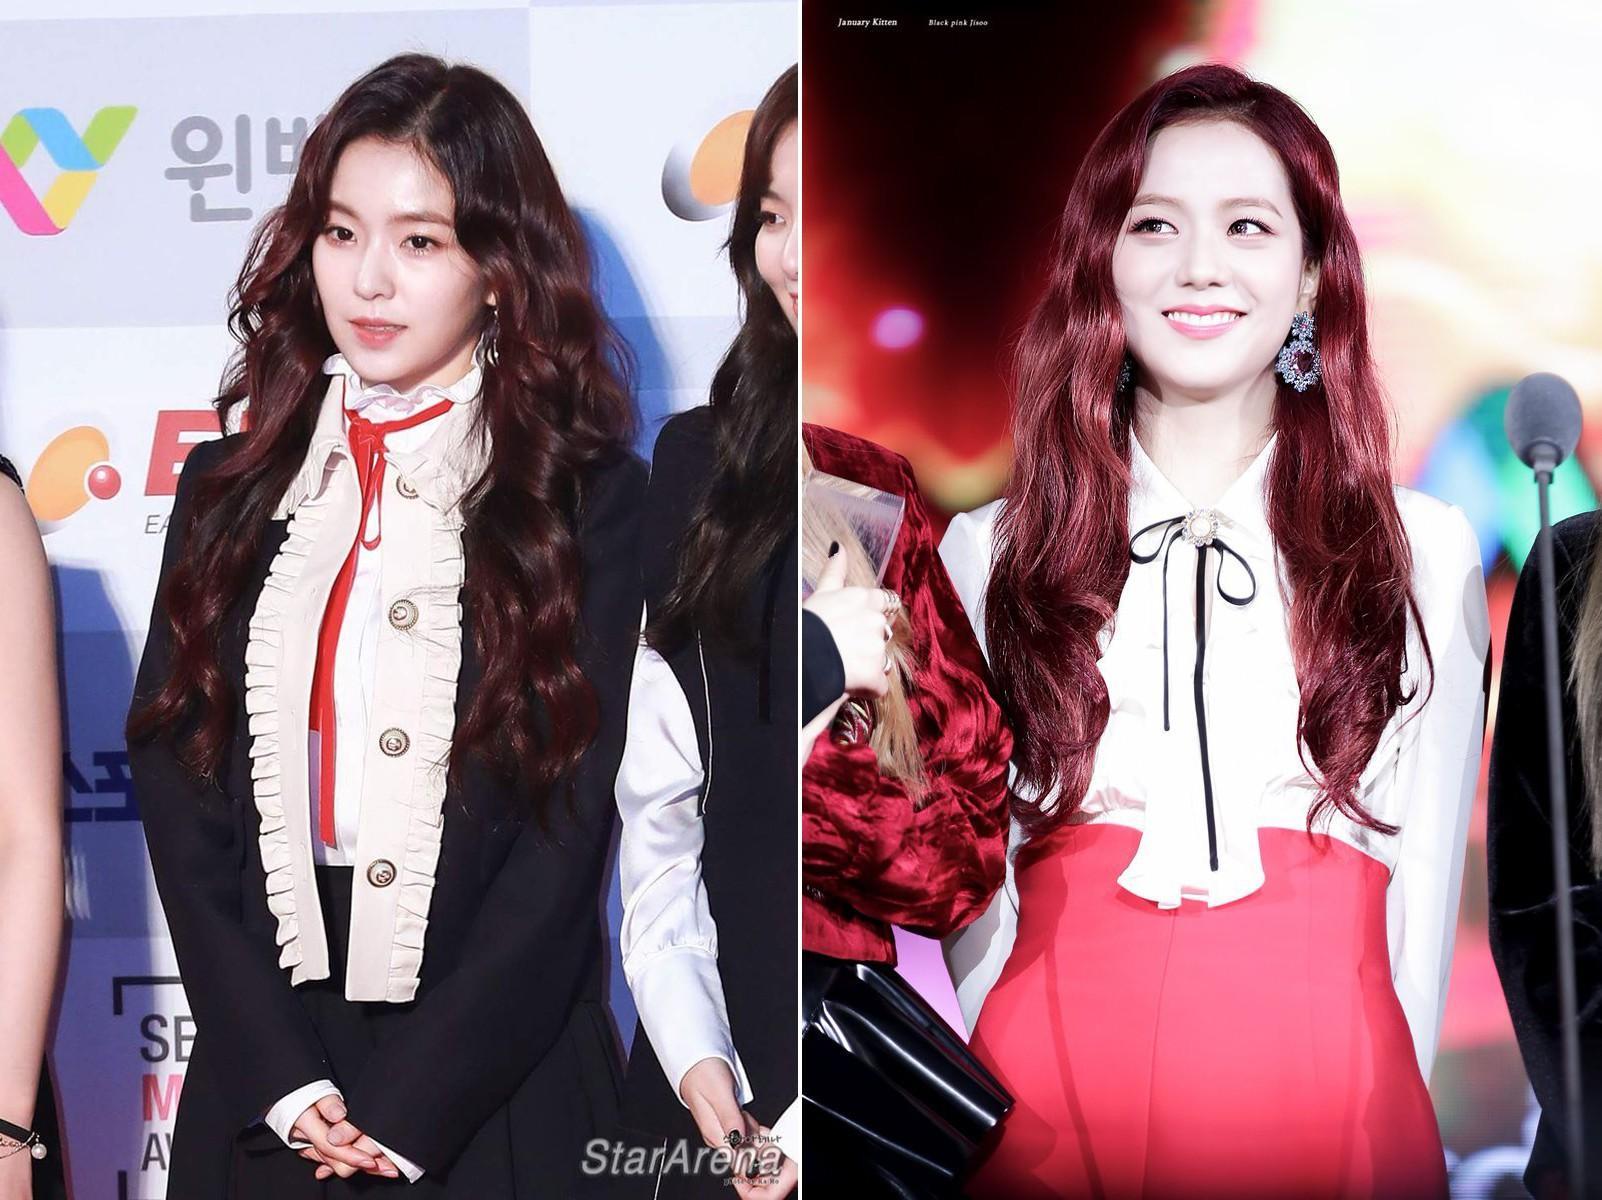 Bàn cân visual giữa Irene (Red Velvet) và Jisoo (Black Pink): makeup và làm tóc giống hệt, nhưng ai hơn ai? - Ảnh 8.